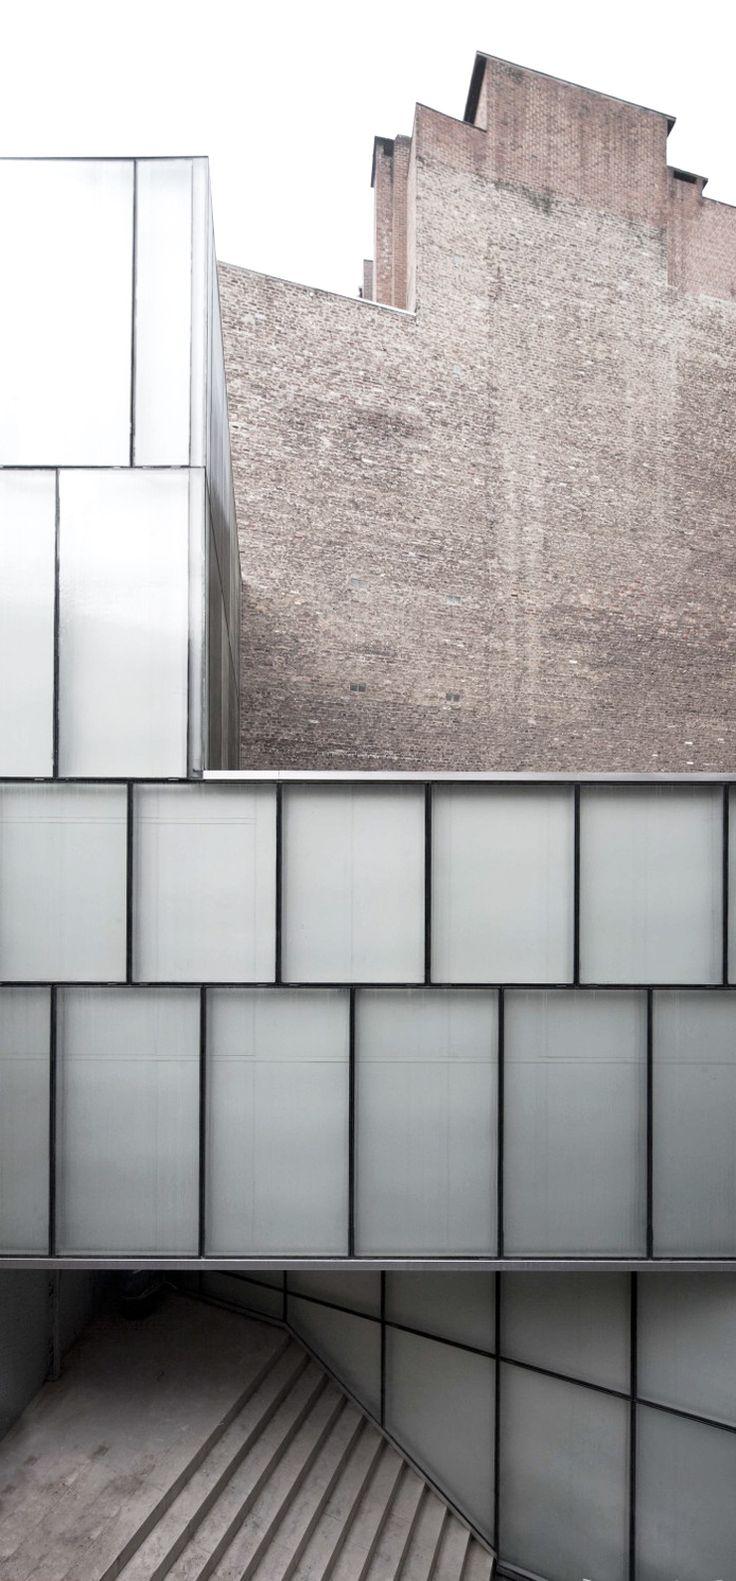 archaic_pierrehebbelinck_atelierdarchitecture_6.jpg